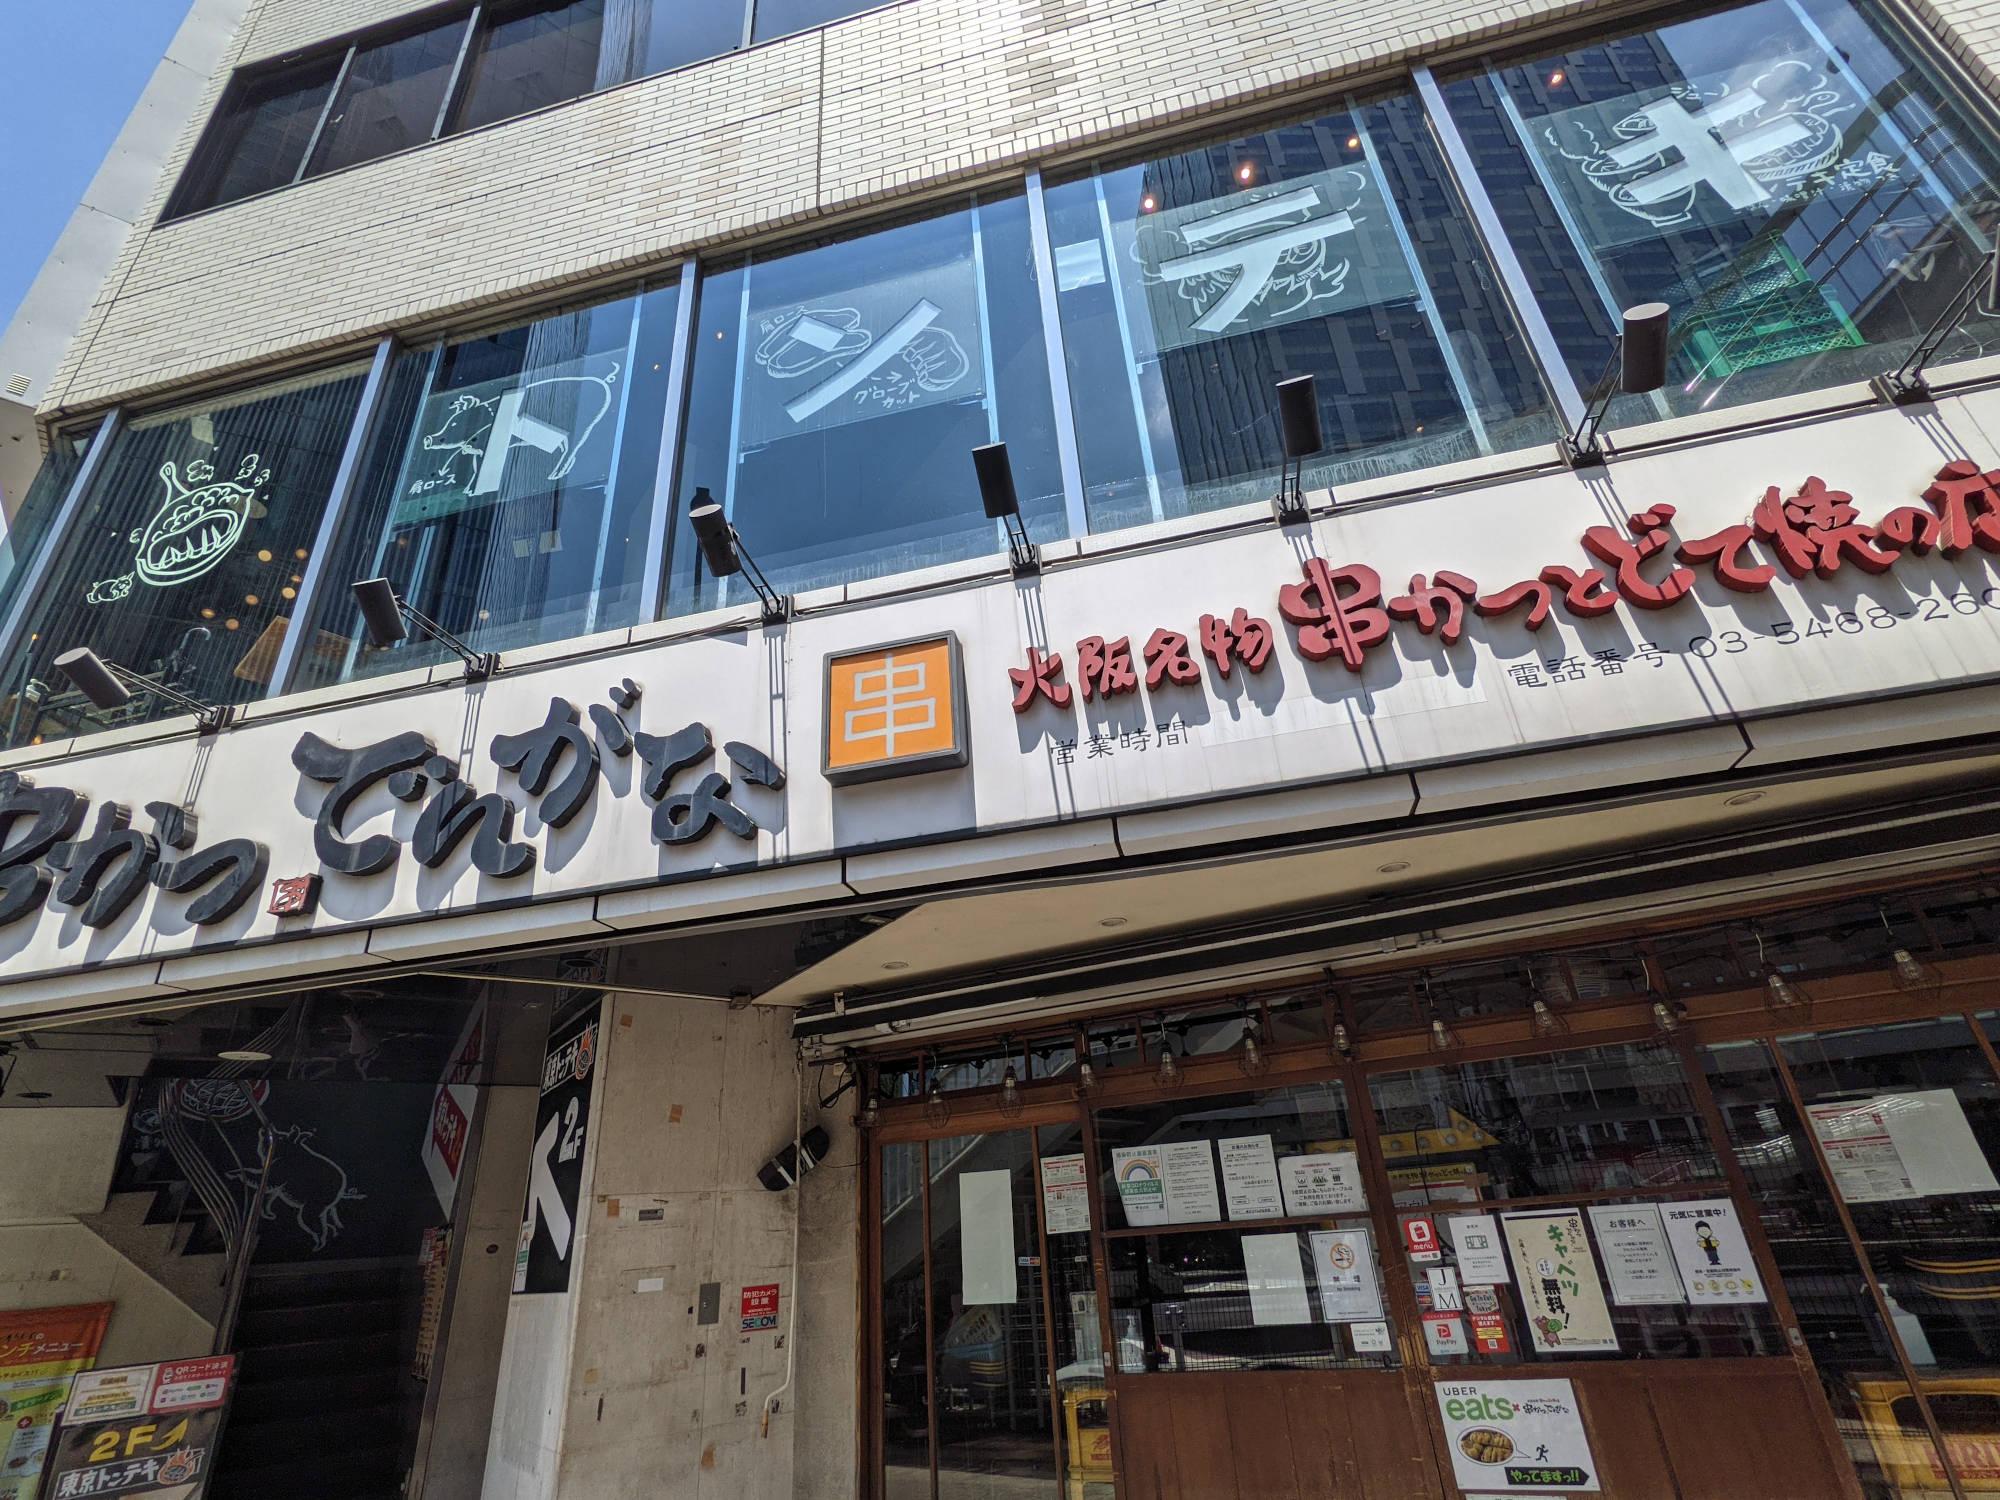 東京トンテキの外観